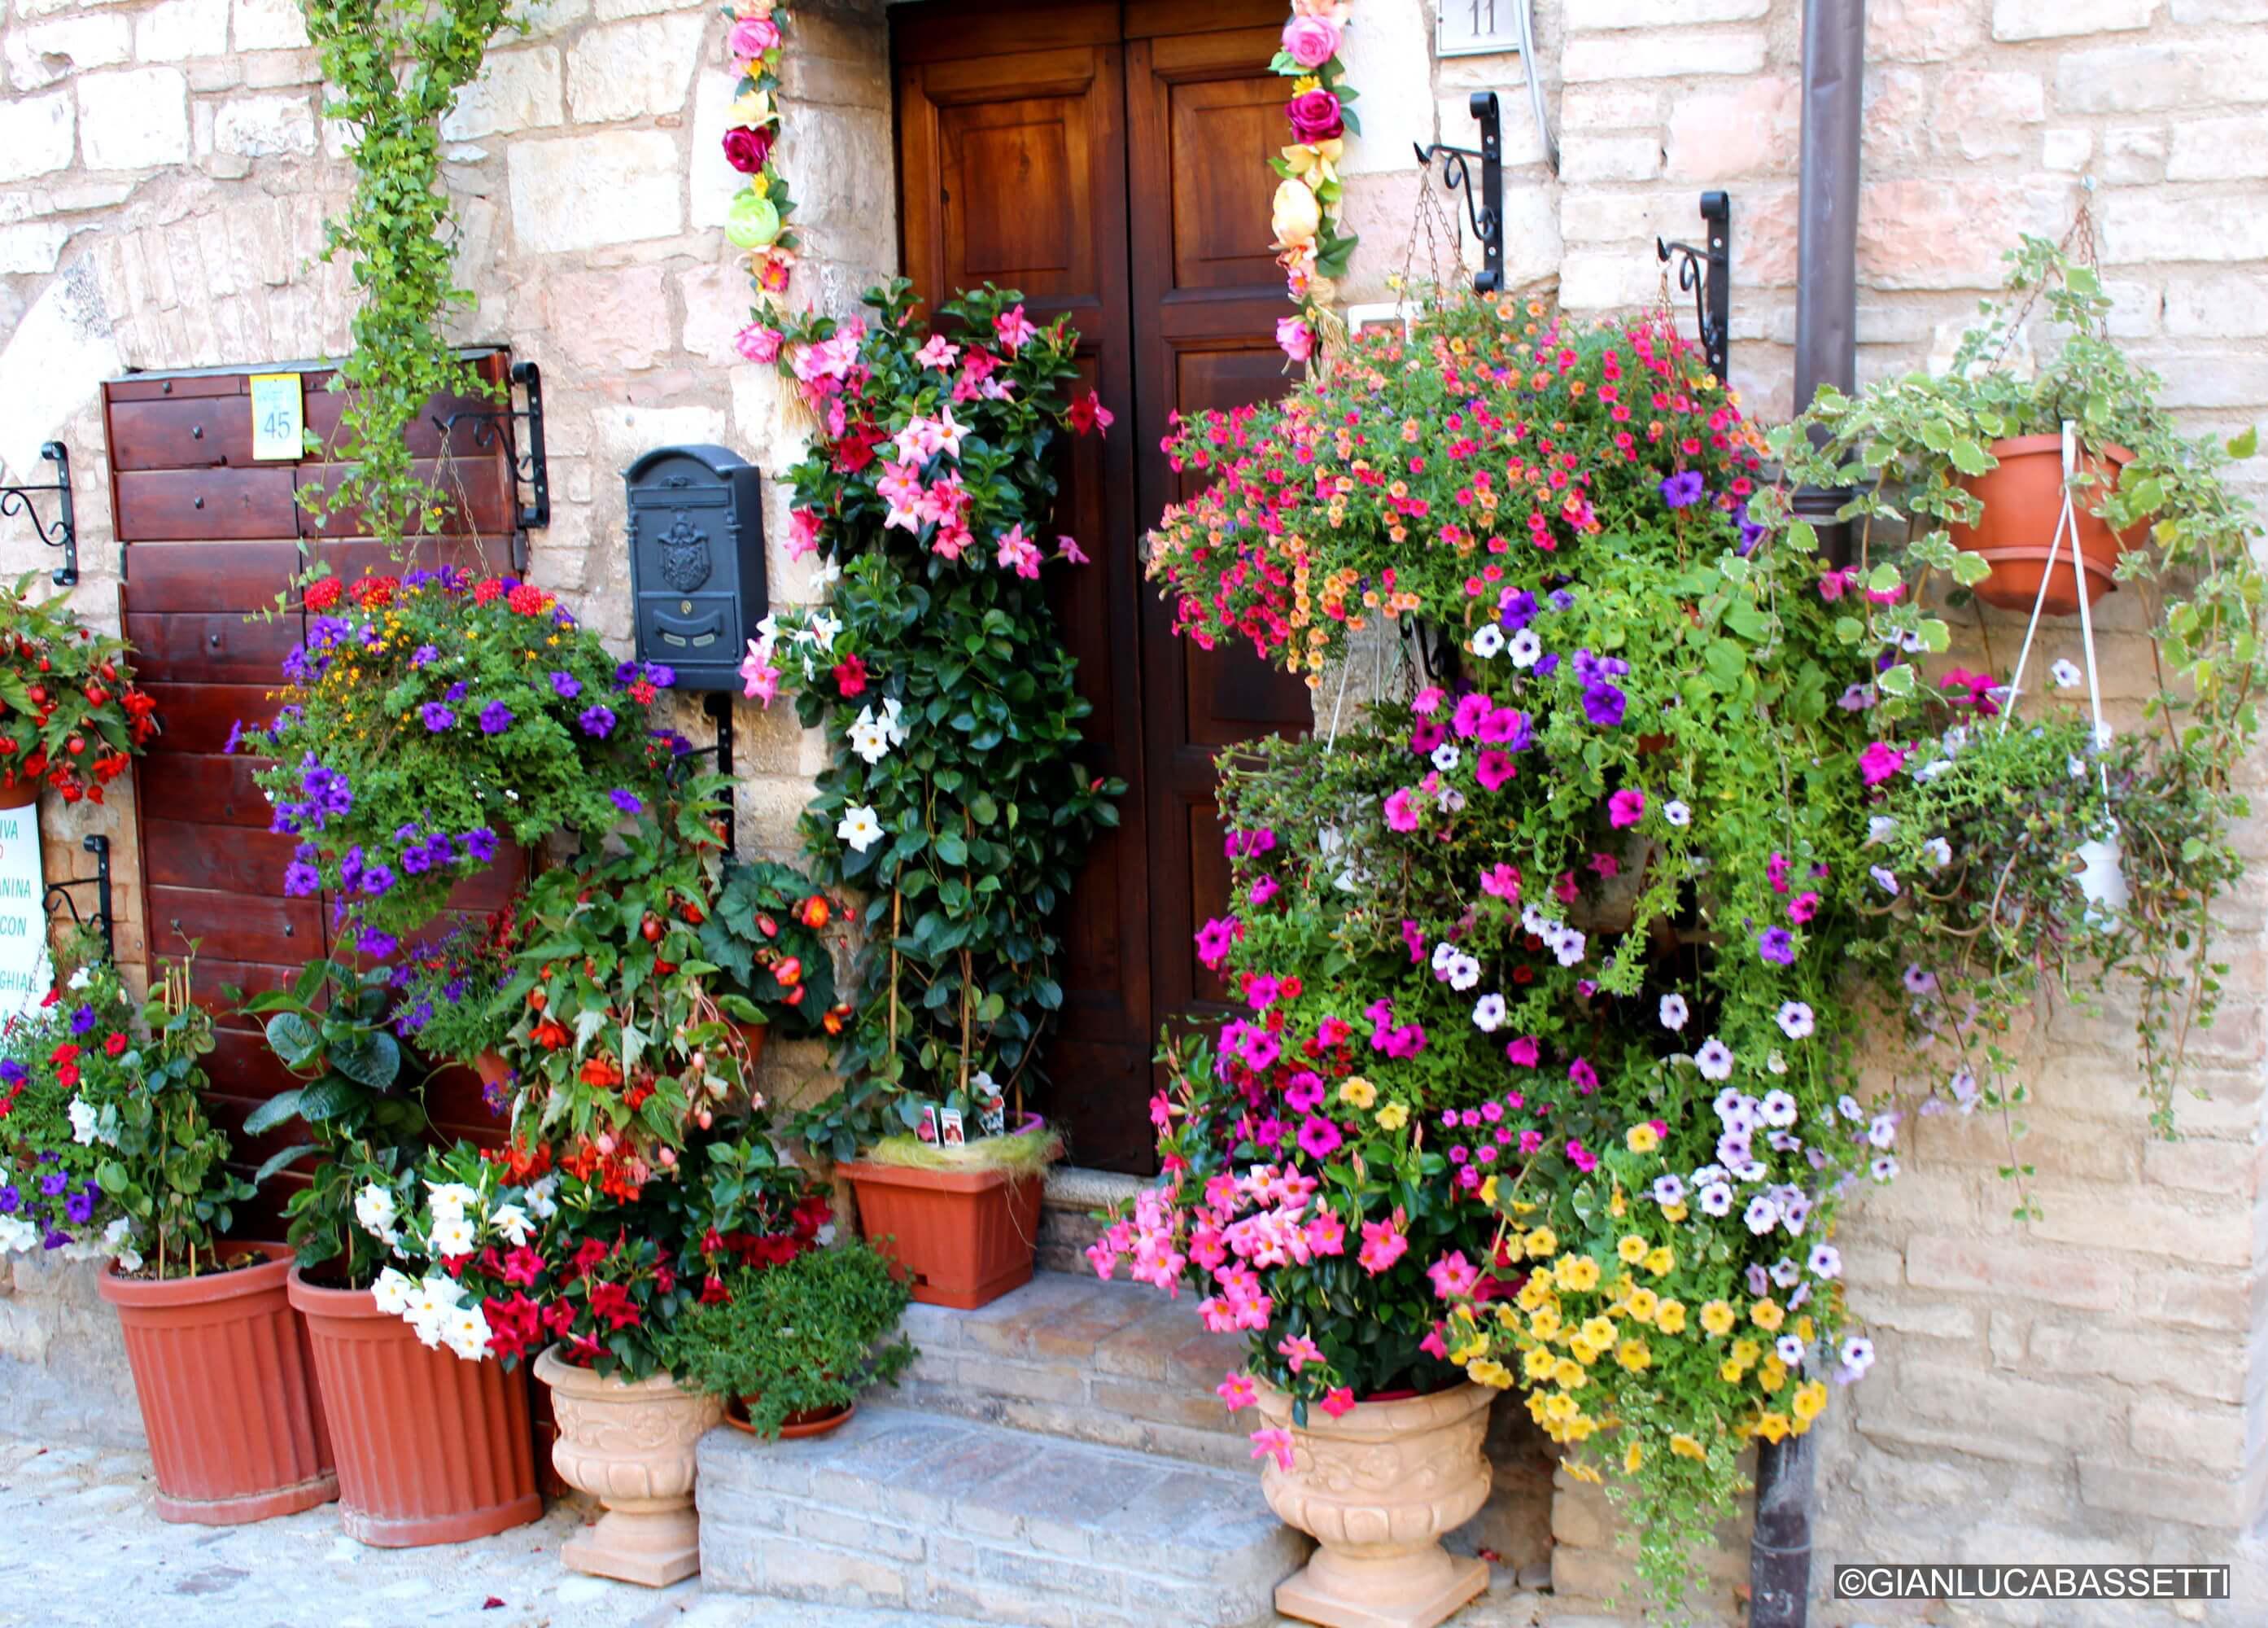 drzwi ozdobione kwiatami